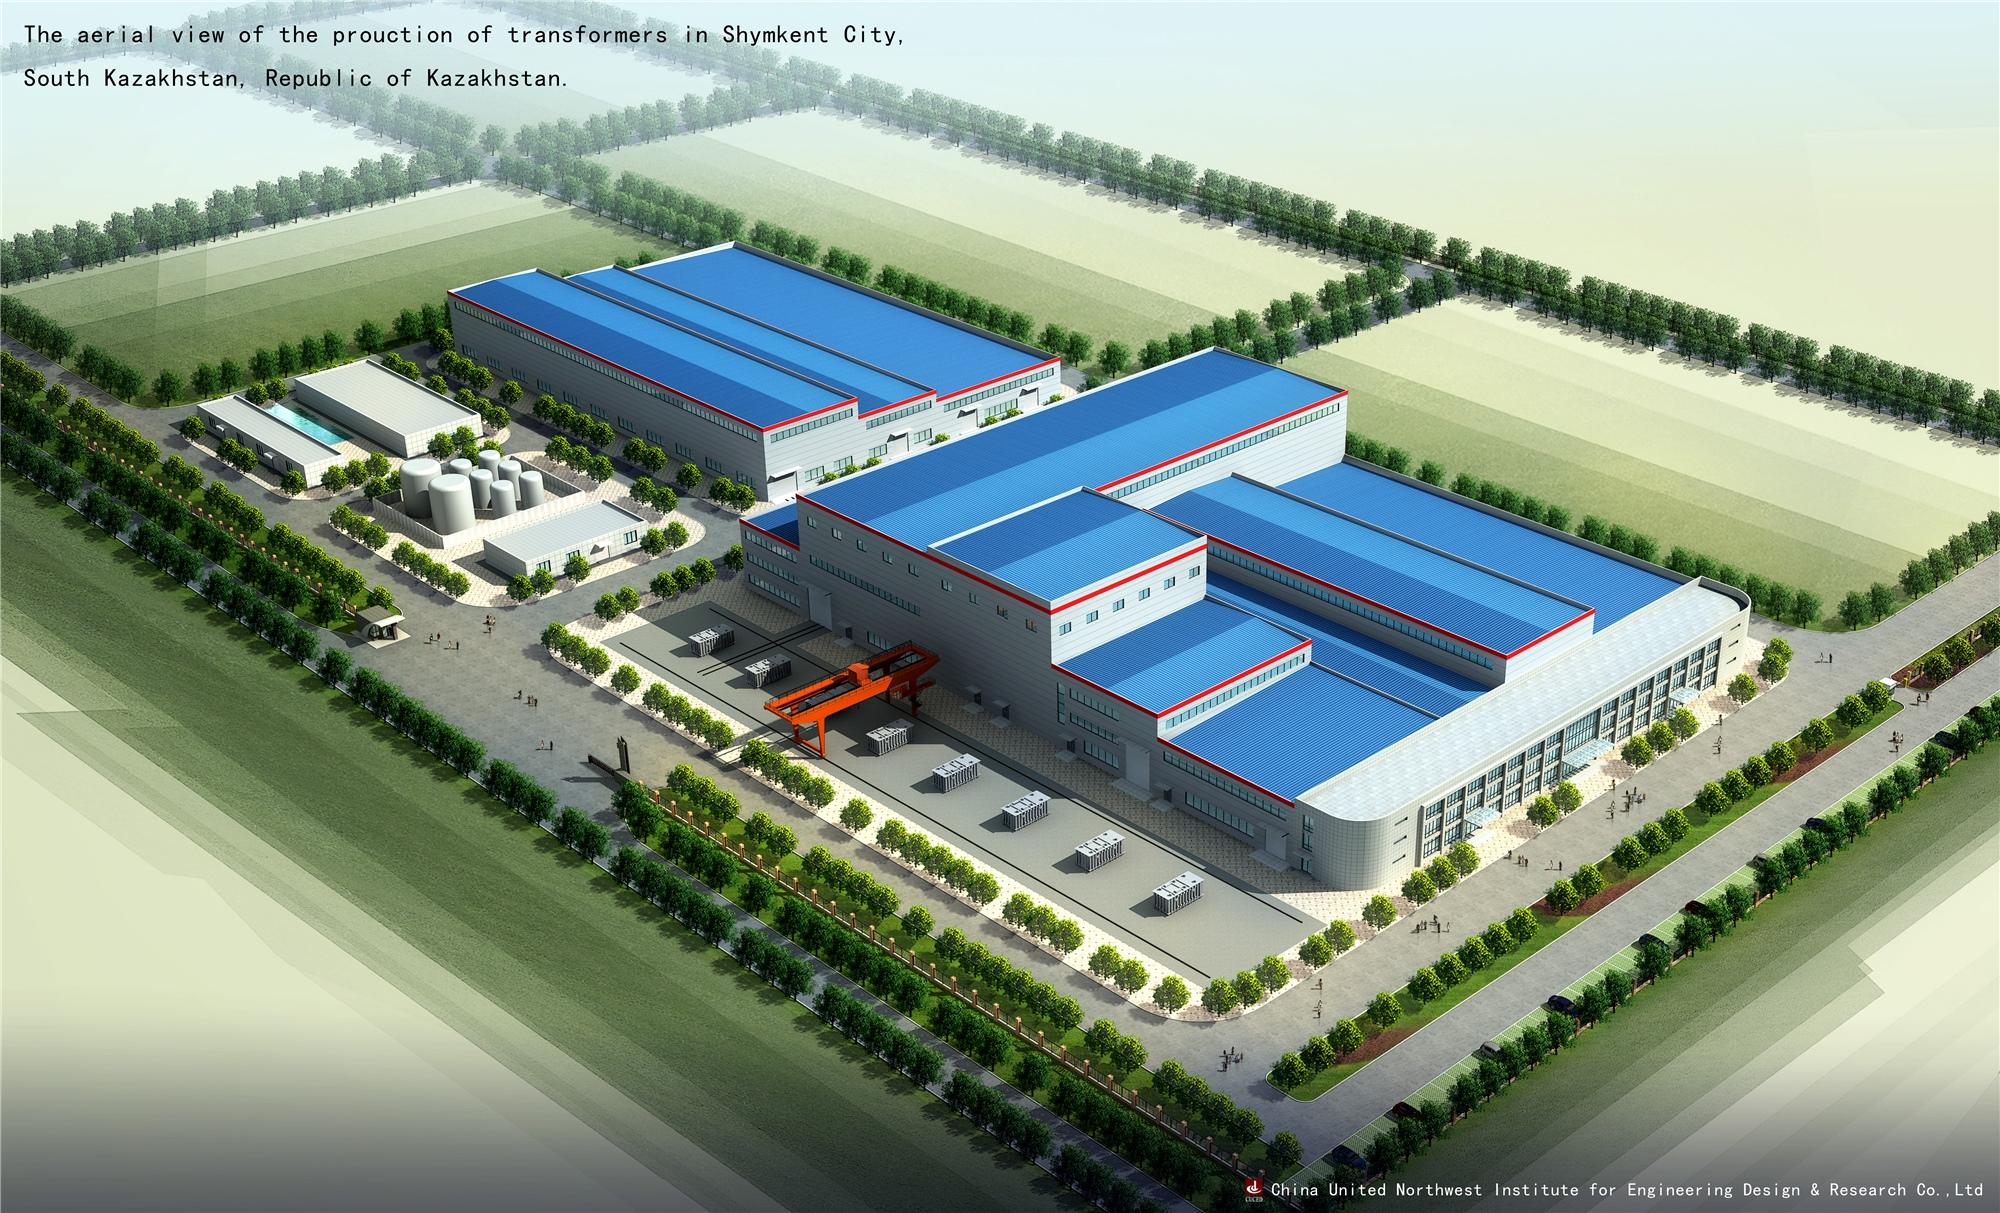 【海外工程】经典项目:哈萨克斯坦奇姆肯特变压器工厂设计项目